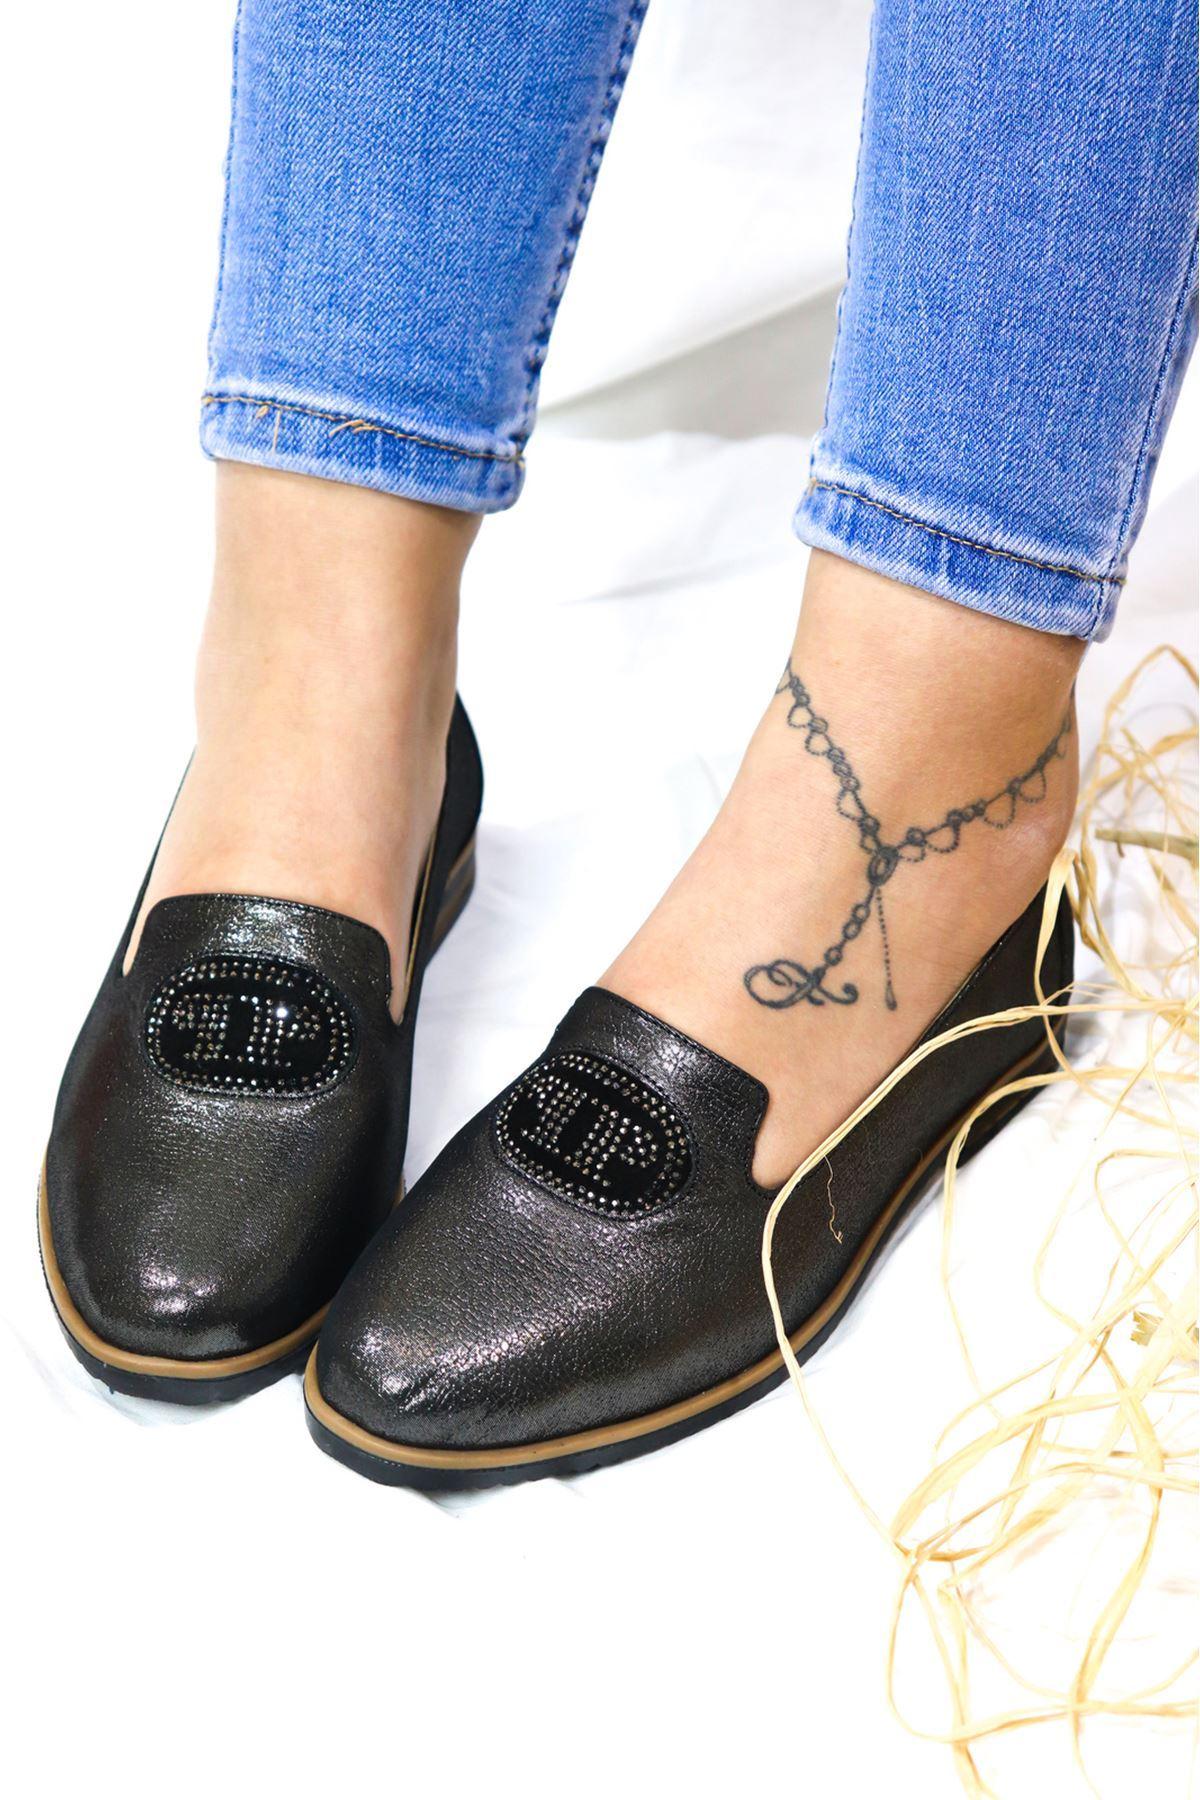 Marine shoes - 2043 Siyah Saten Babet